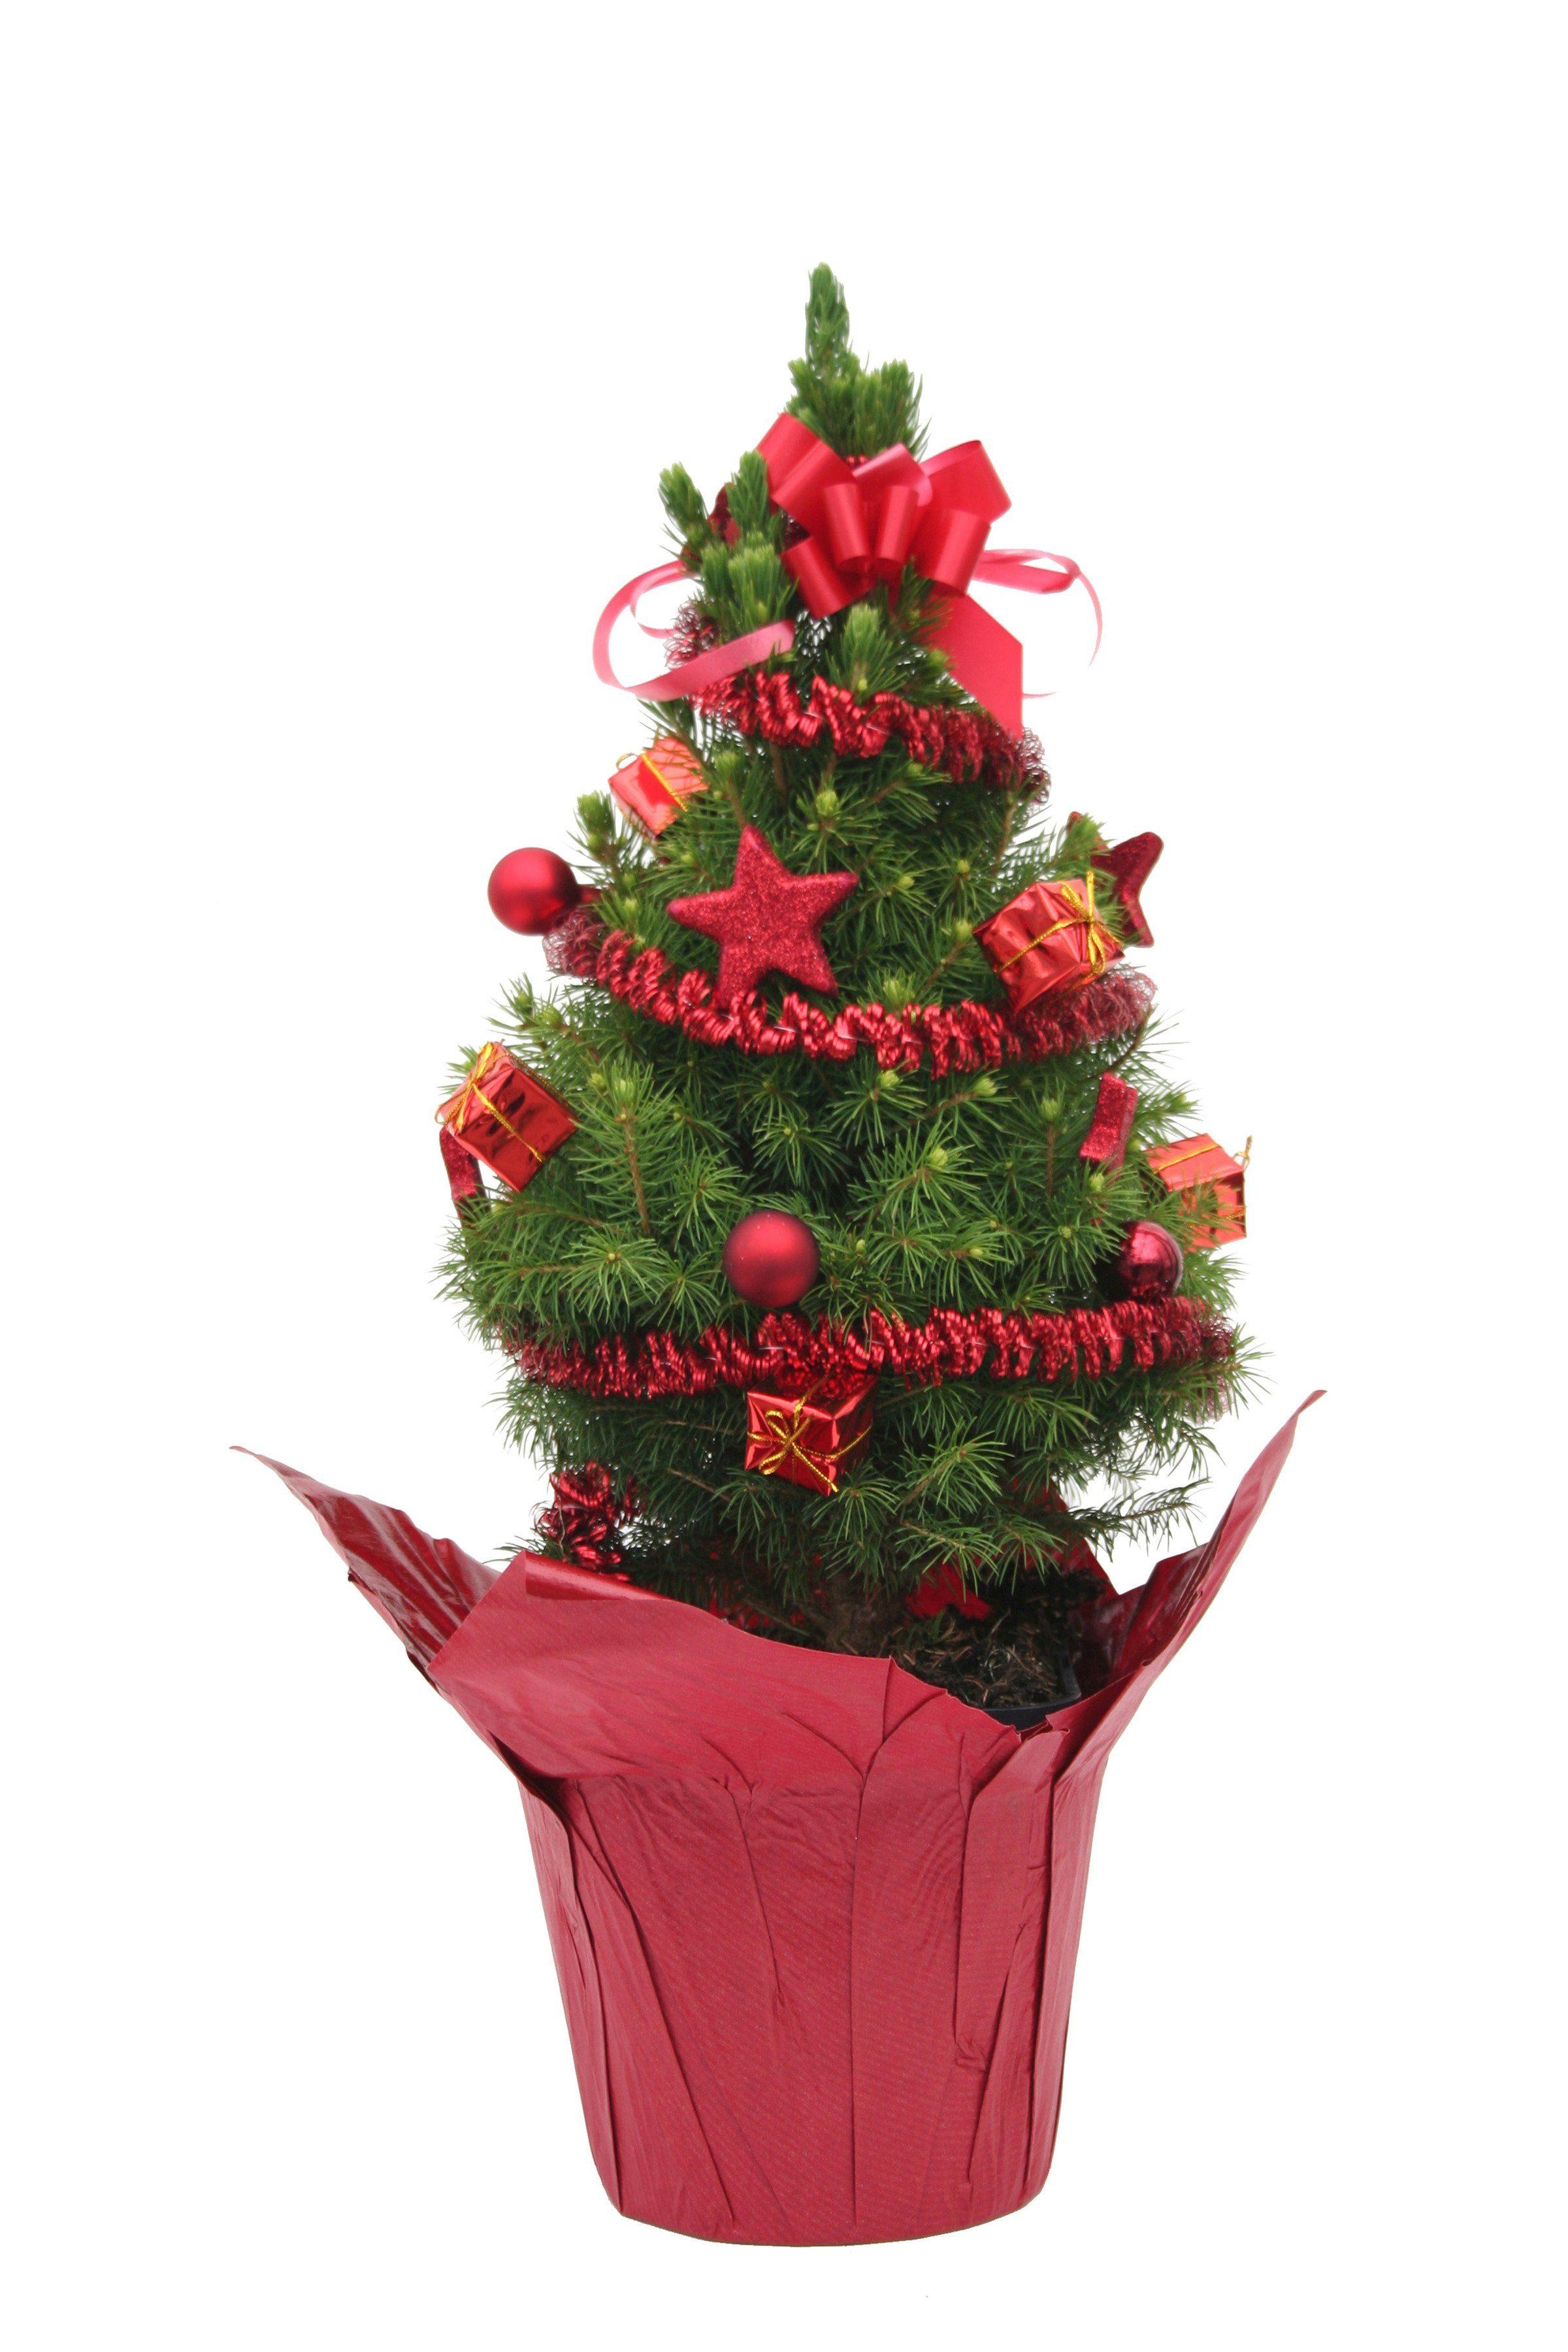 Konifere »Weihnachtsbaum« in rot, Lieferhöhe: 60 cm